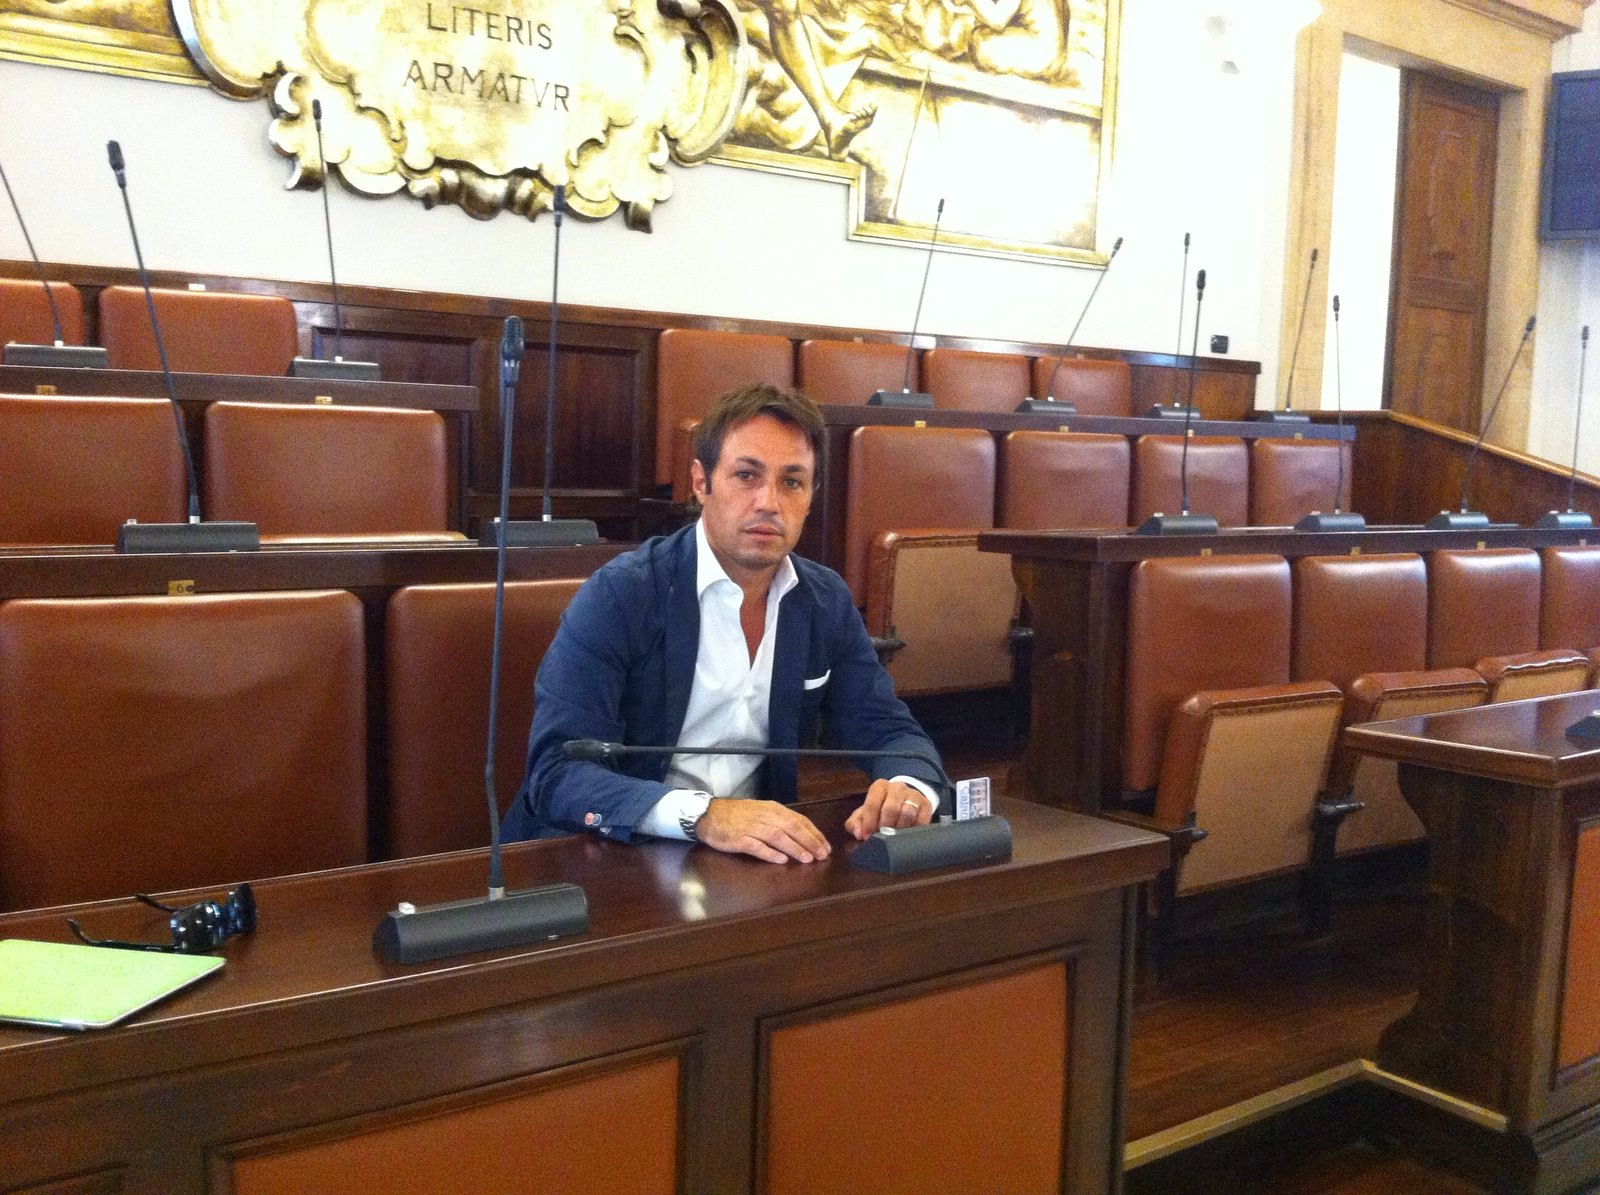 Sinergia con circoscrizioni e cittadini: ecco Catania 2.0